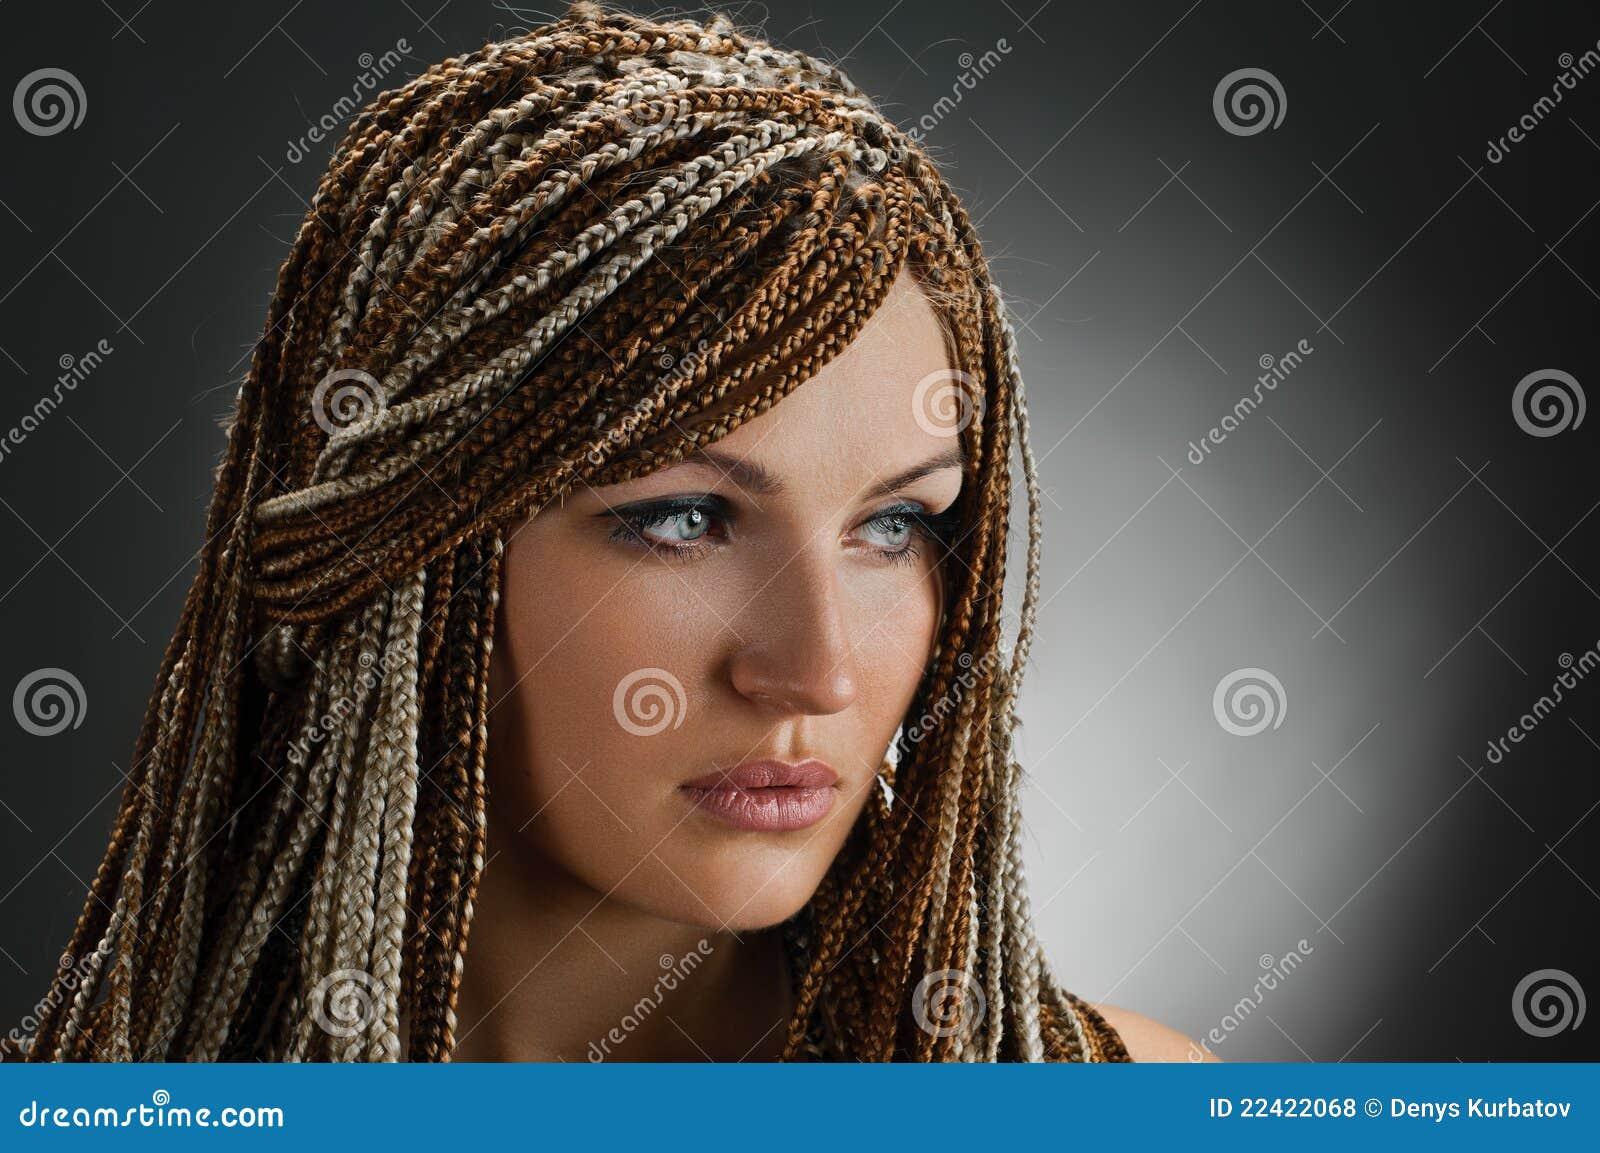 fille avec tresses africaines photos libres de droits image 22422068. Black Bedroom Furniture Sets. Home Design Ideas